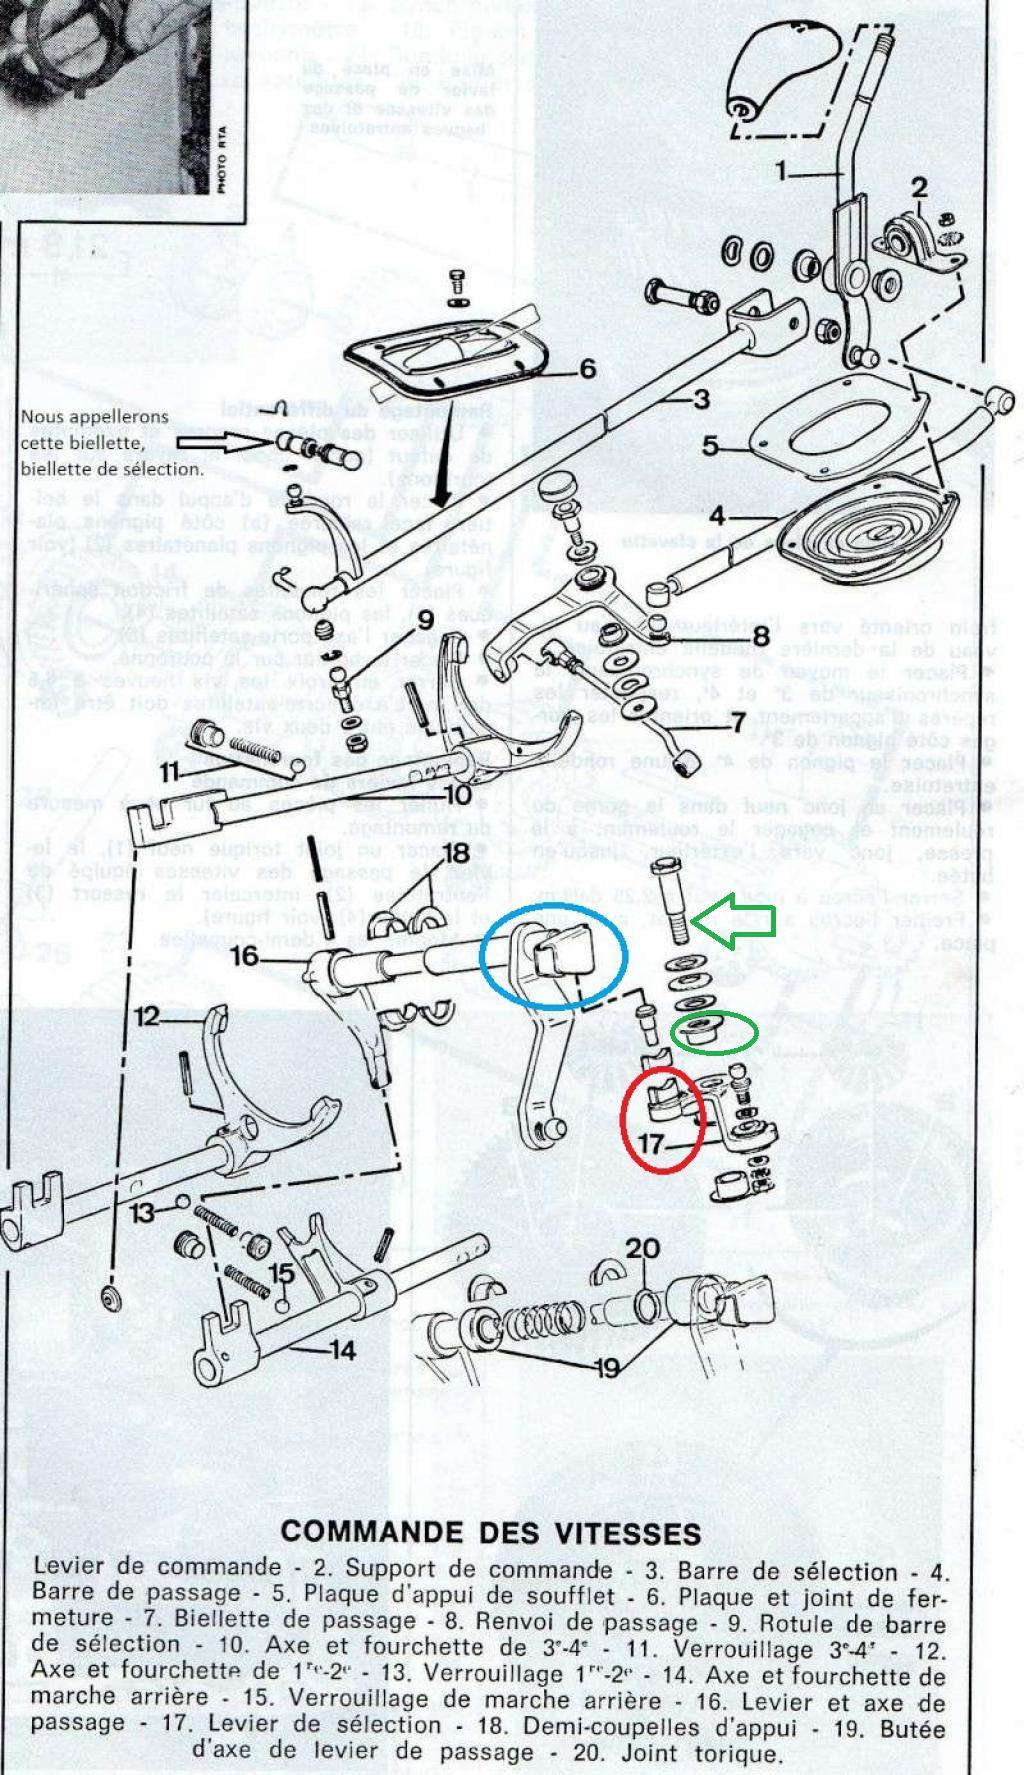 Panne de vitesses  Rta-samba-55e73cb-55eed6c